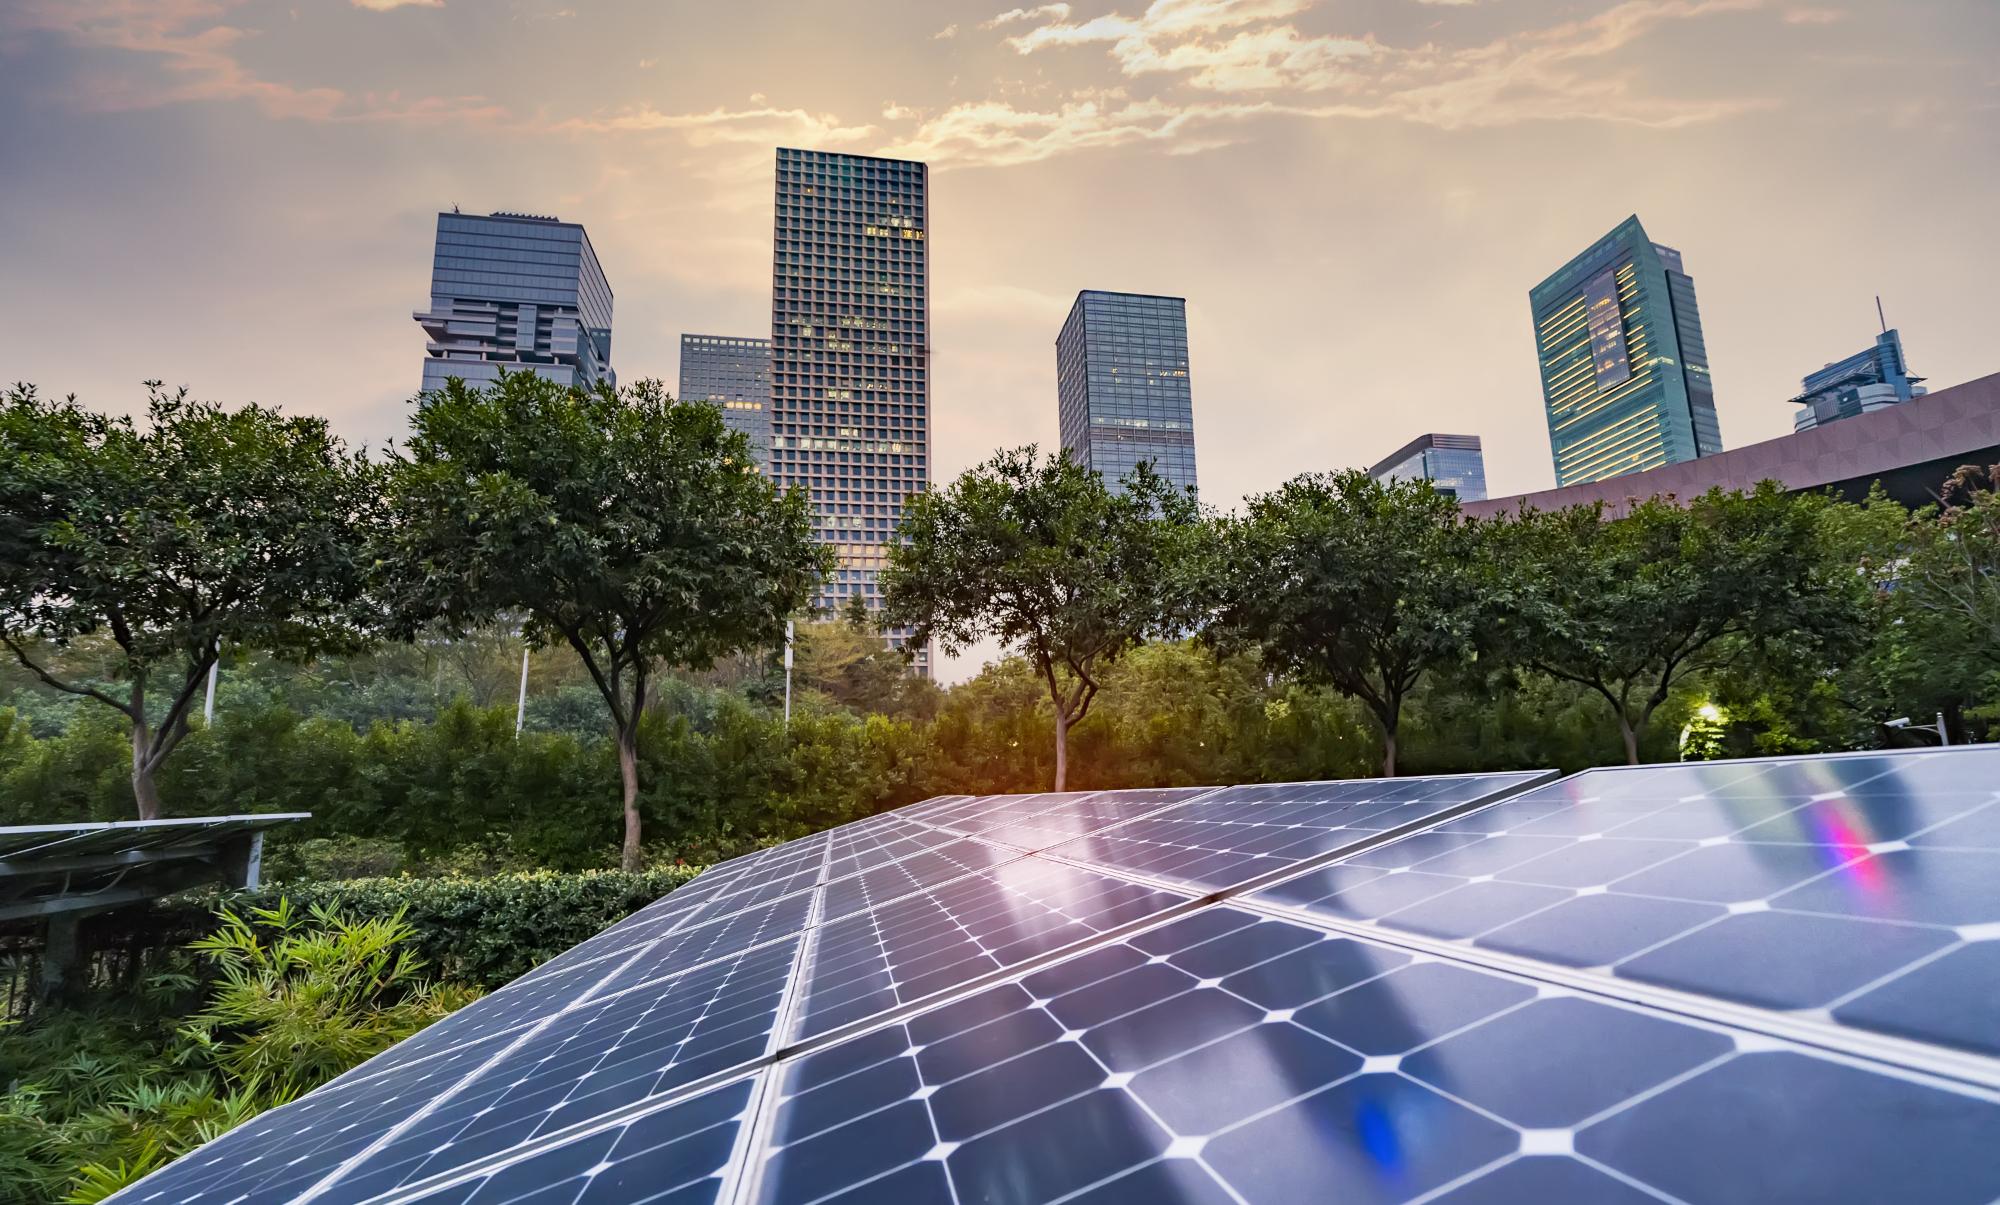 由于新冠期間的隔離,全球的太陽能板效率更高了